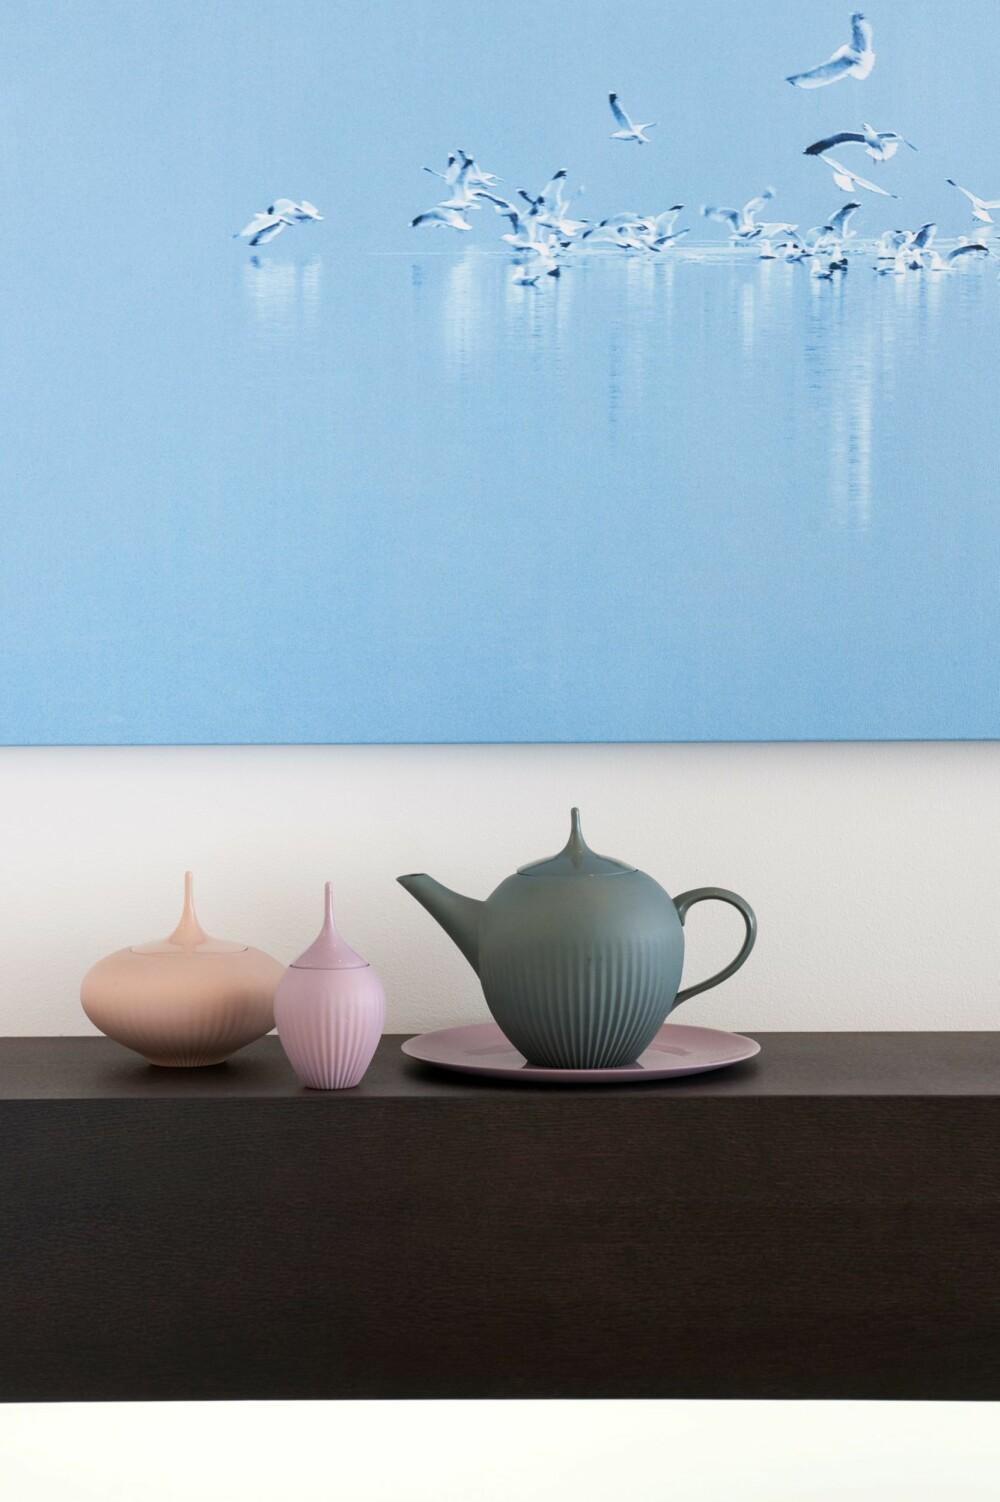 FJÆR I FJÆRA: Motivet av måkene på vannet er en konkretisering av temaet sjø, strand og luft. Fotografiet er ved Lillian Andersen og produsert hos Spitting Image. Keramikken er fra Eske.